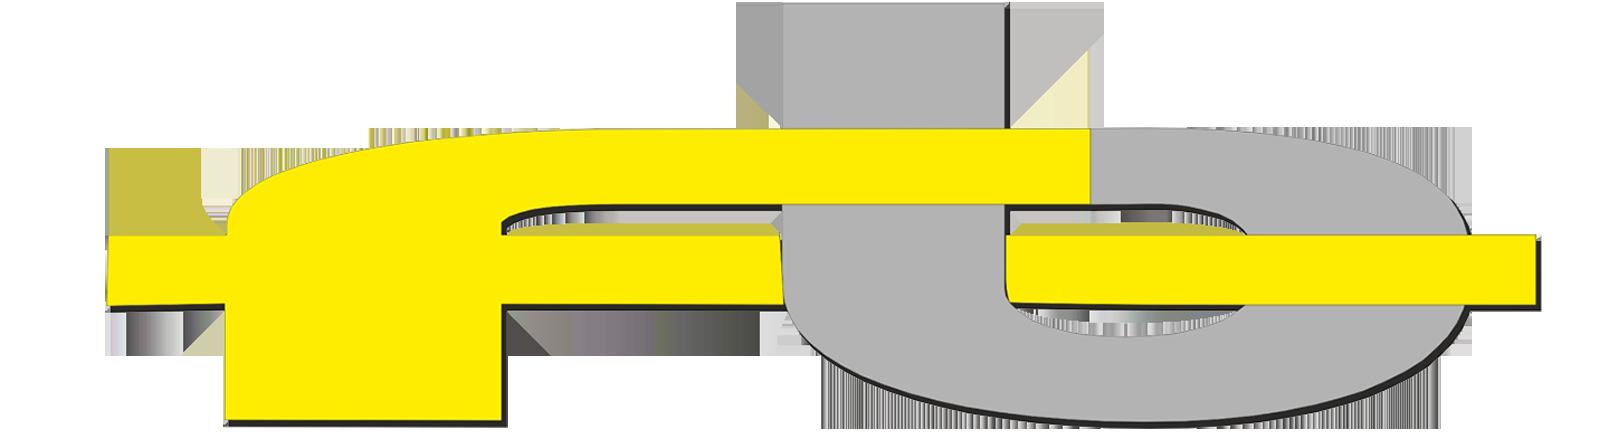 Termoidraulica F.lli Bittante